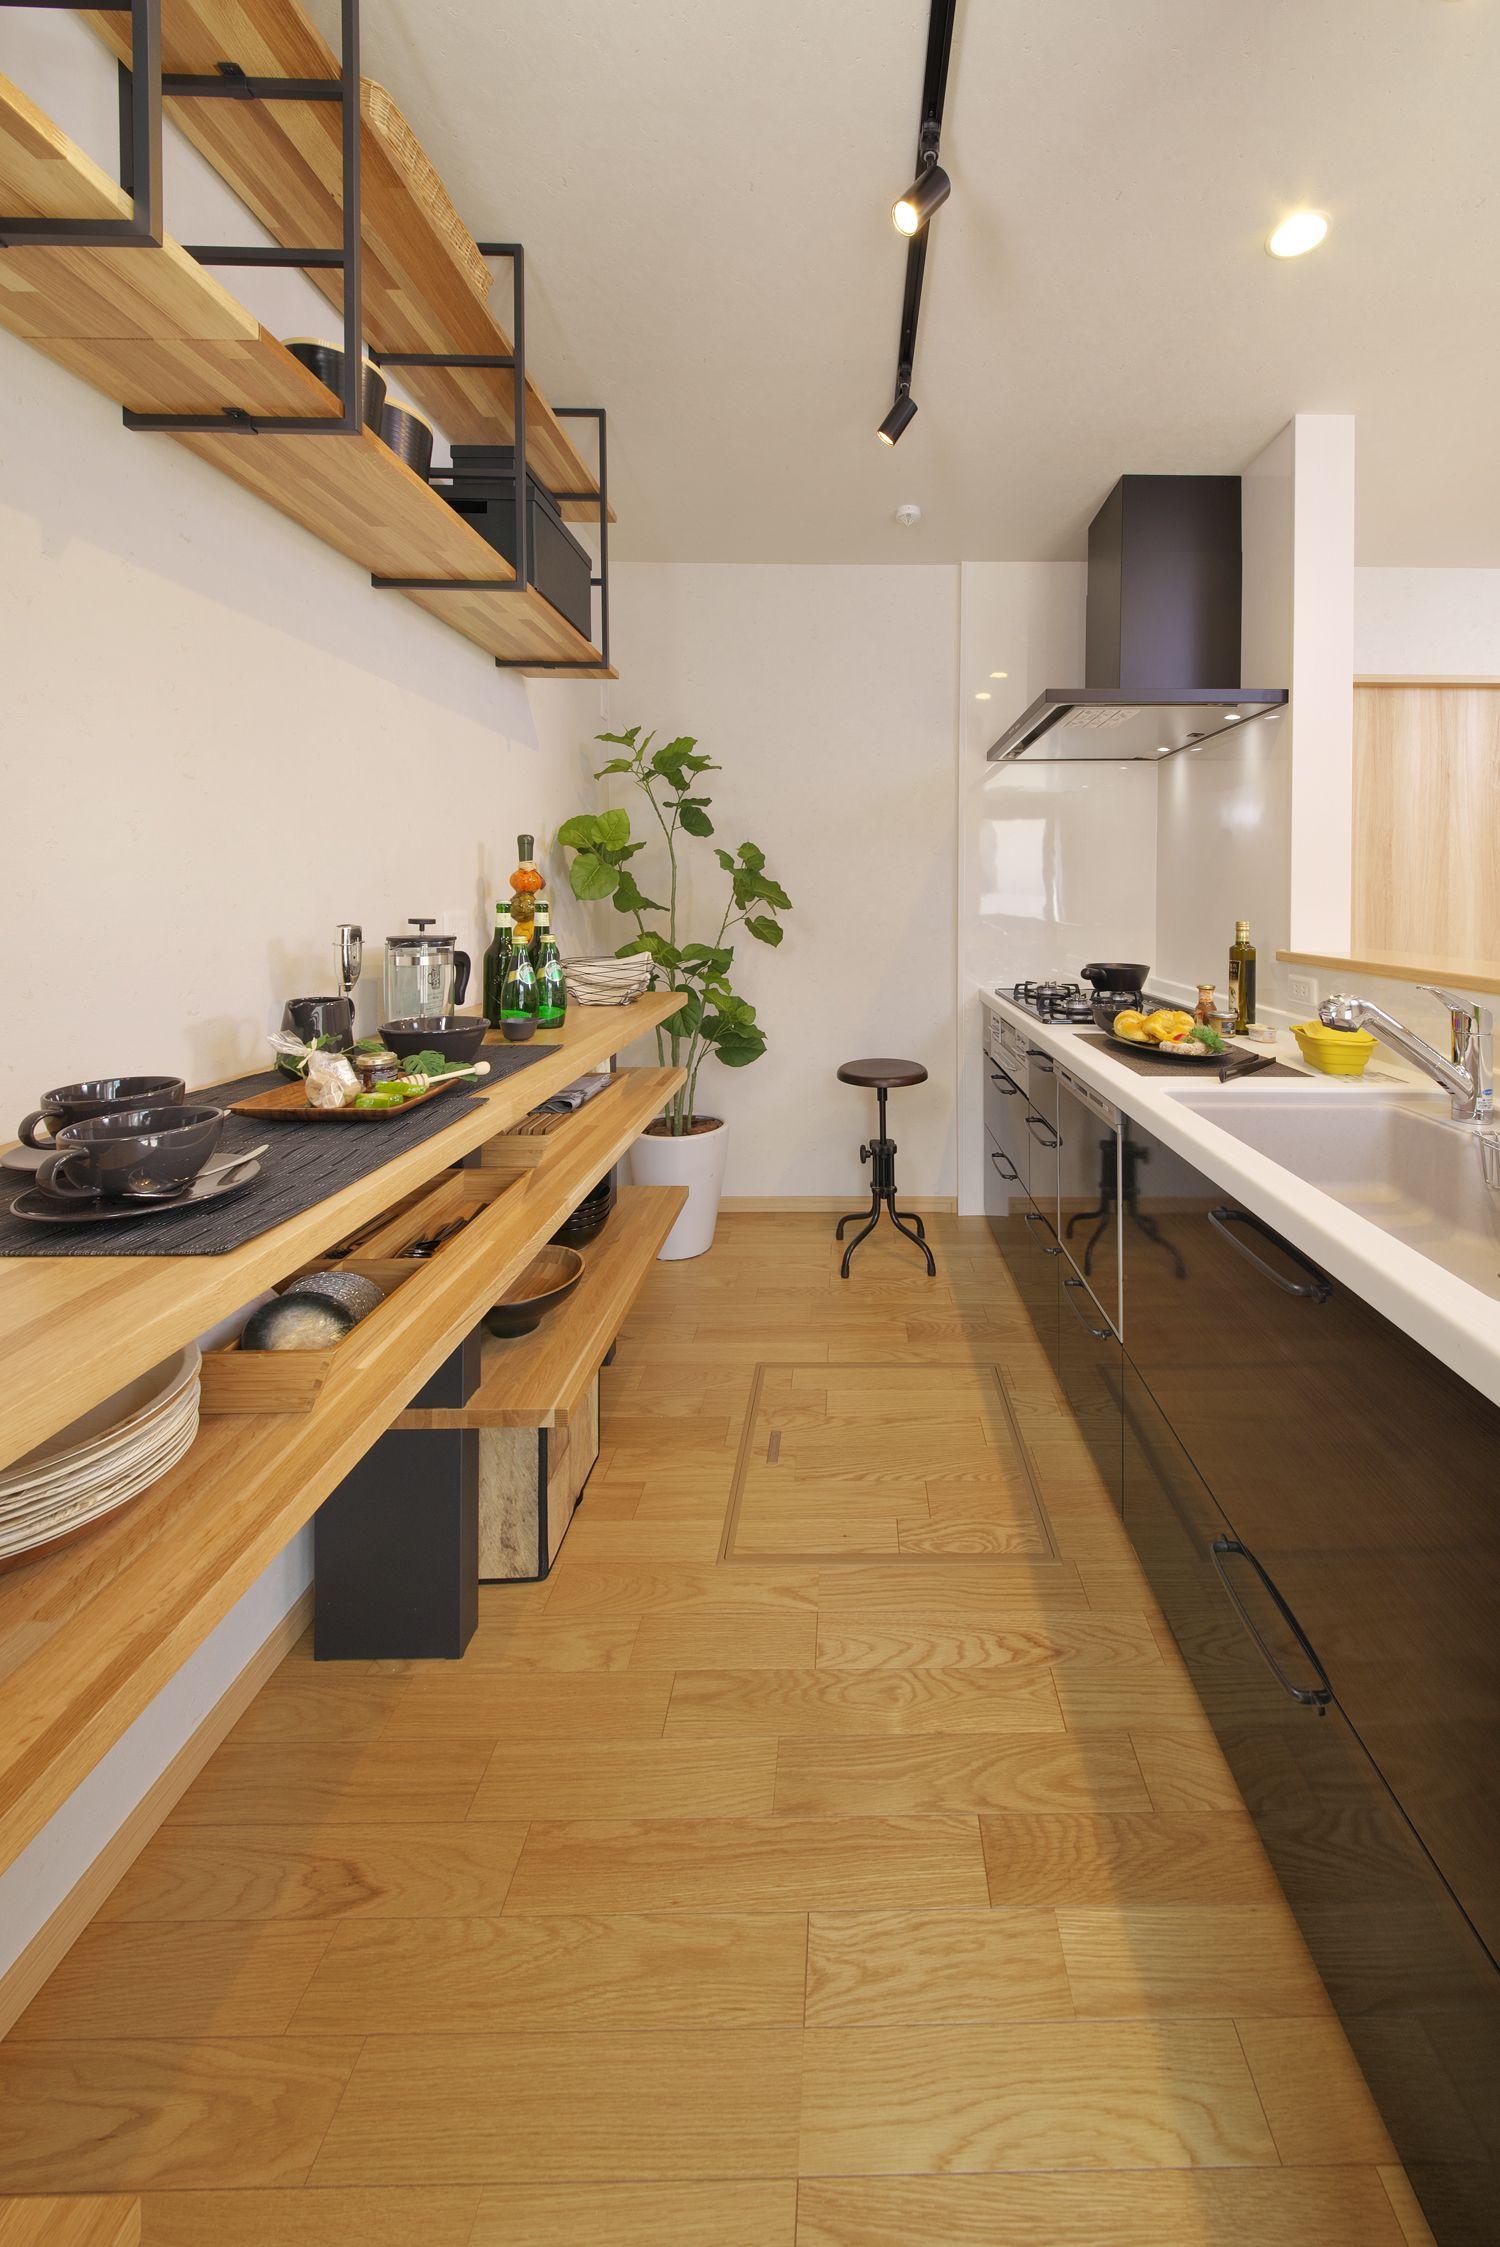 対面キッチンとカップボード 2020 キッチン 注文住宅 カップボード